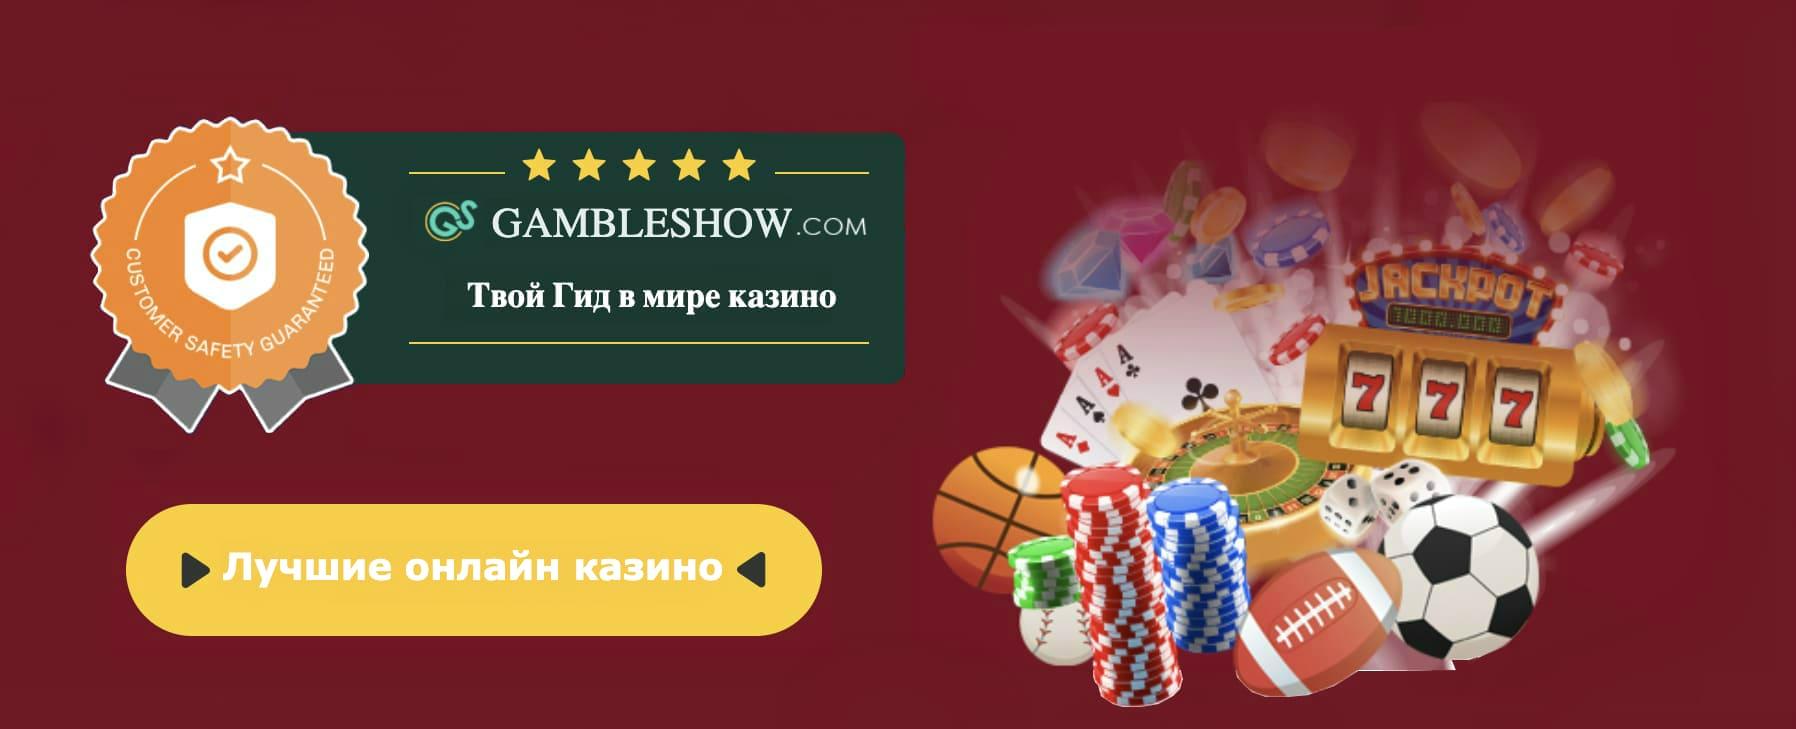 Список онлайн казино 2014 дающих бездеп 50 евро игровые автоматы видео симуляторы украина